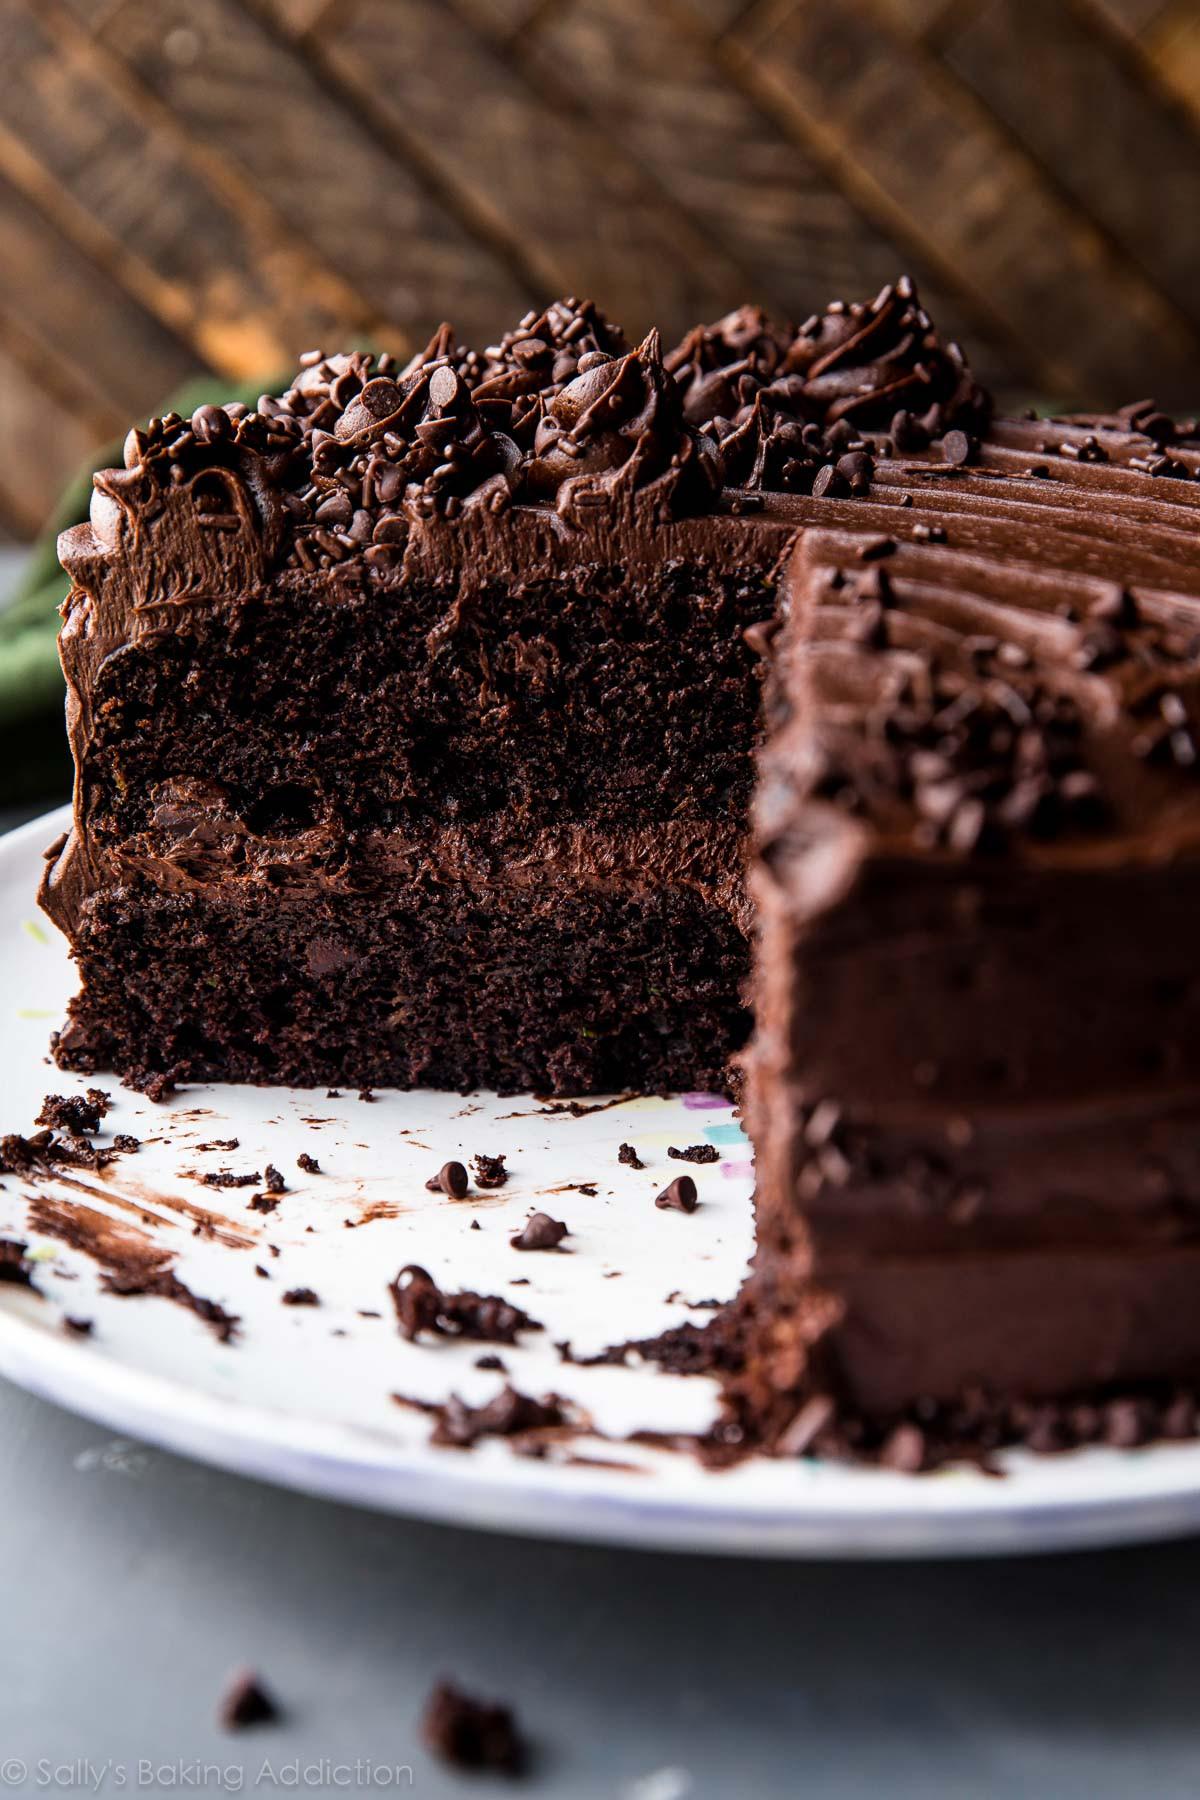 Chocolate Cake Recipe  Chocolate Zucchini Cake Sallys Baking Addiction